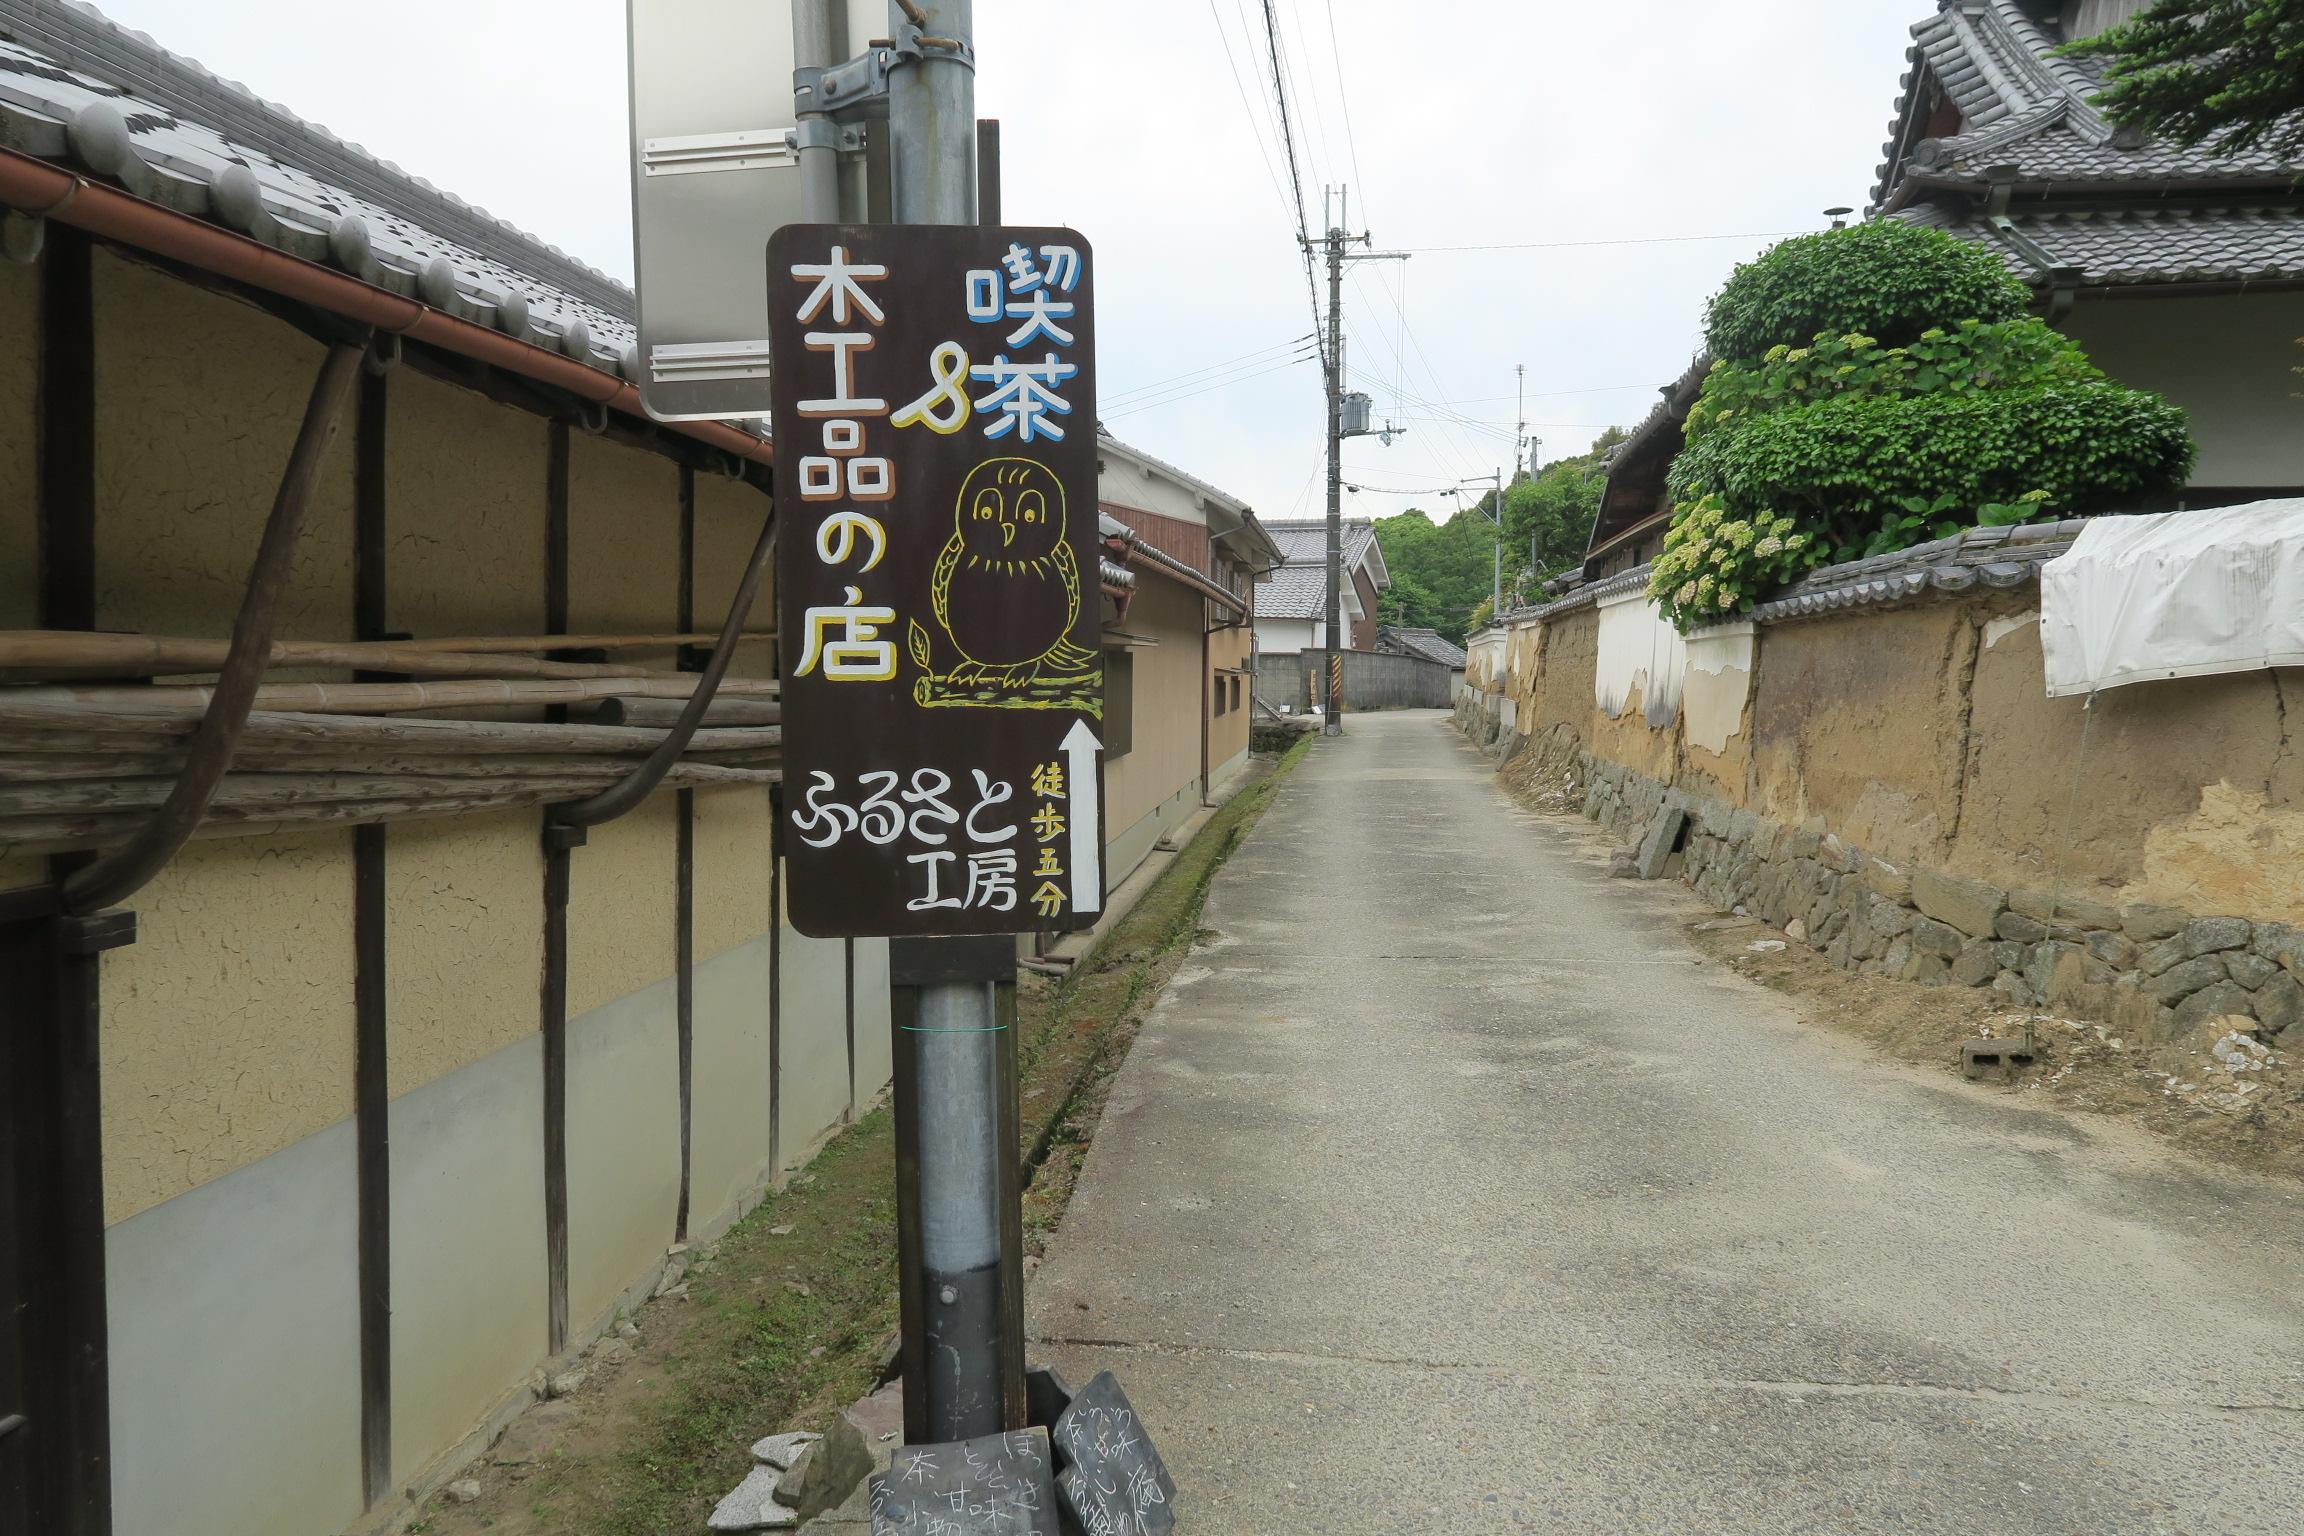 南僧坊横の道に「木工品の店&喫茶」とありました。疲れもあり迷いましたが、寄って正解でした!